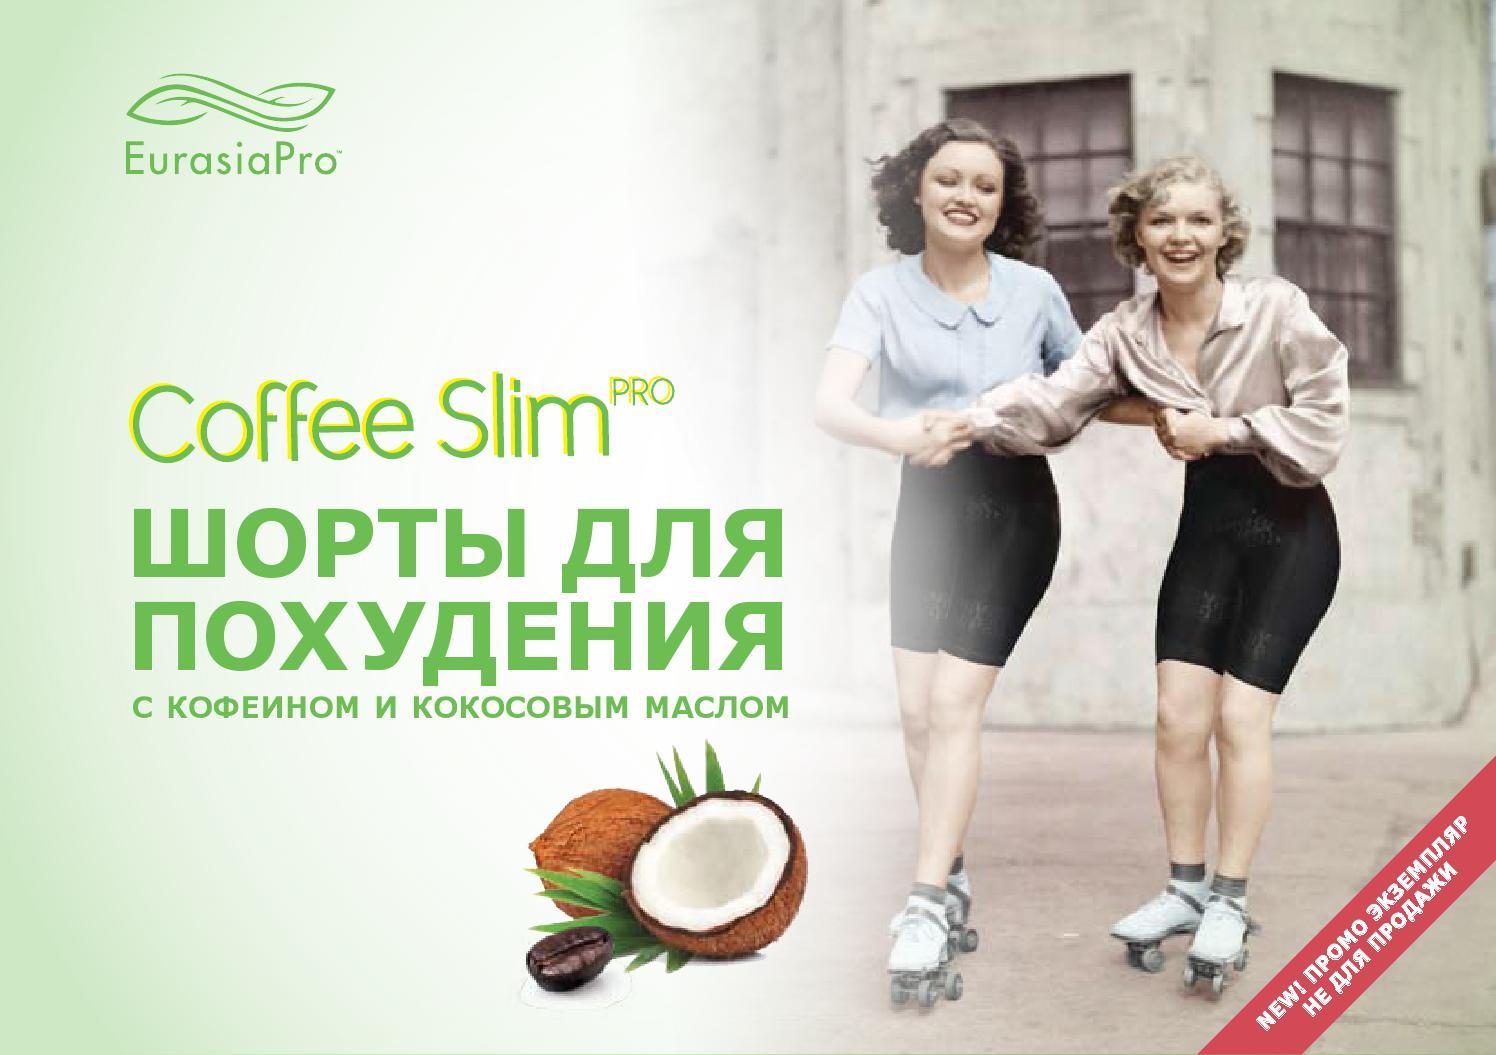 Issaplus женская одежда оптом от производителя вконтакте - vk